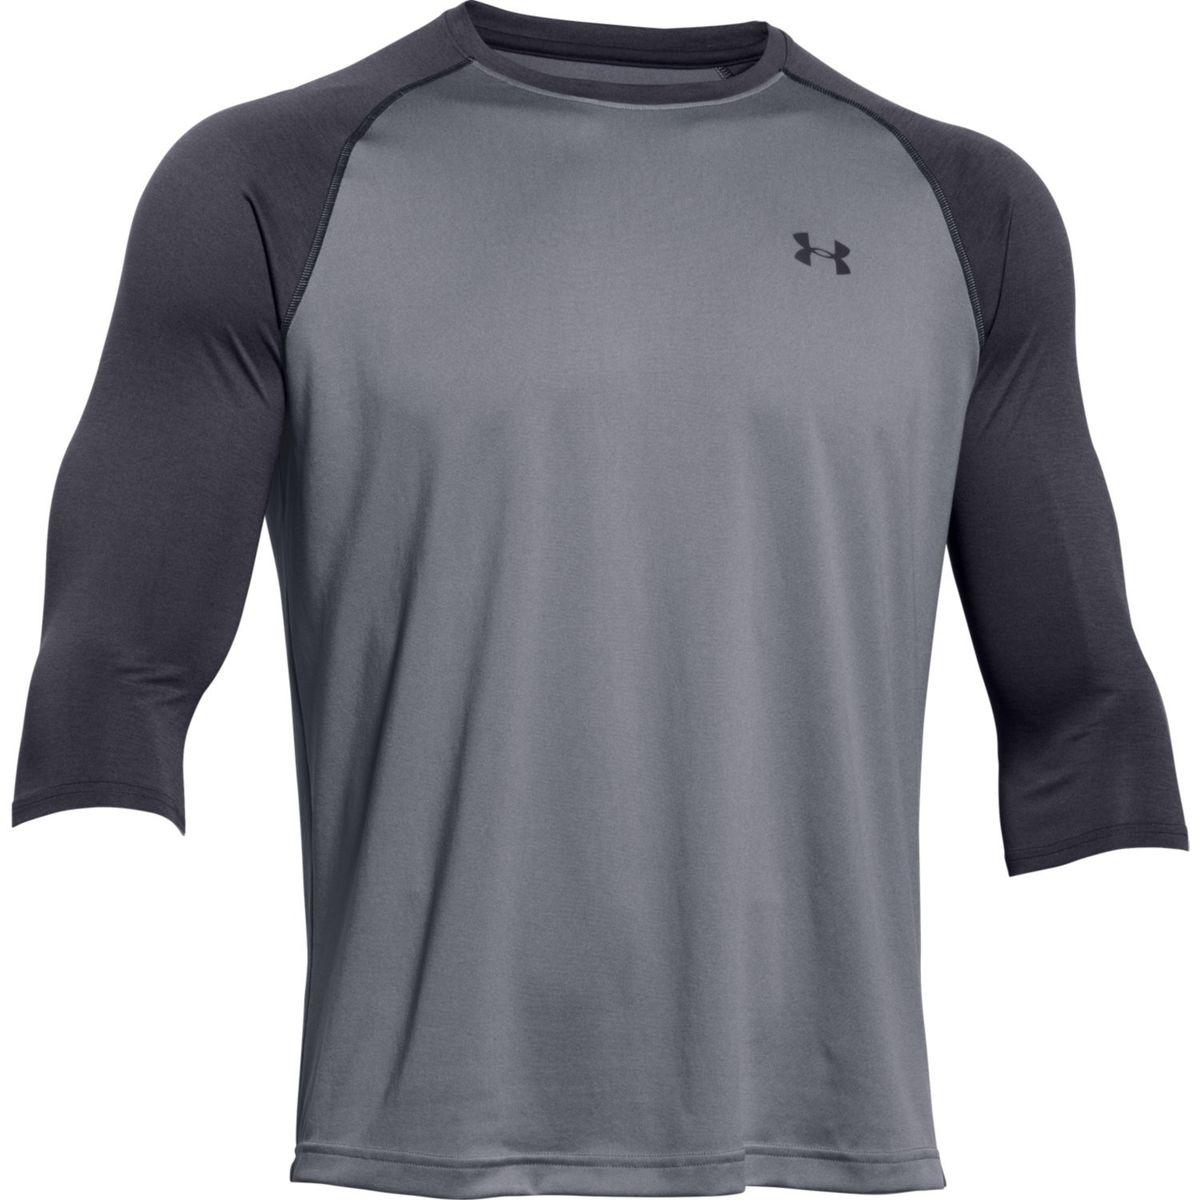 under armour tech raglan t shirt 3 4 sleeve men 39 s ebay